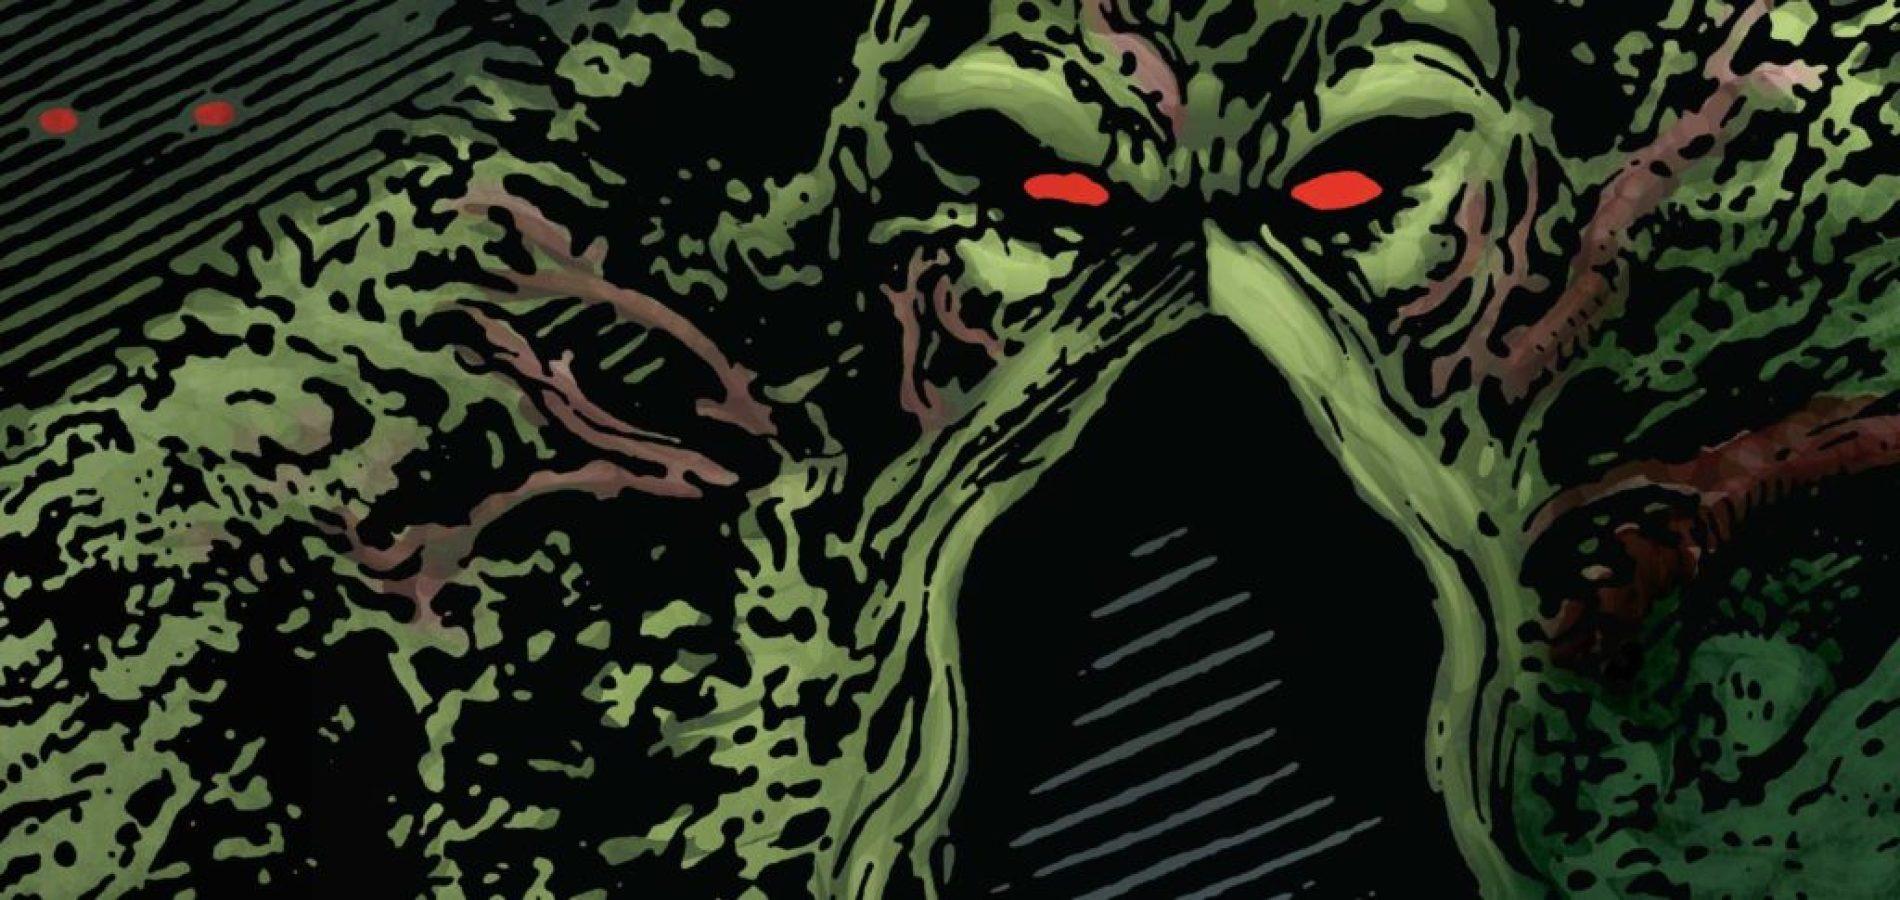 Swamp Thing comic books from Vertigo